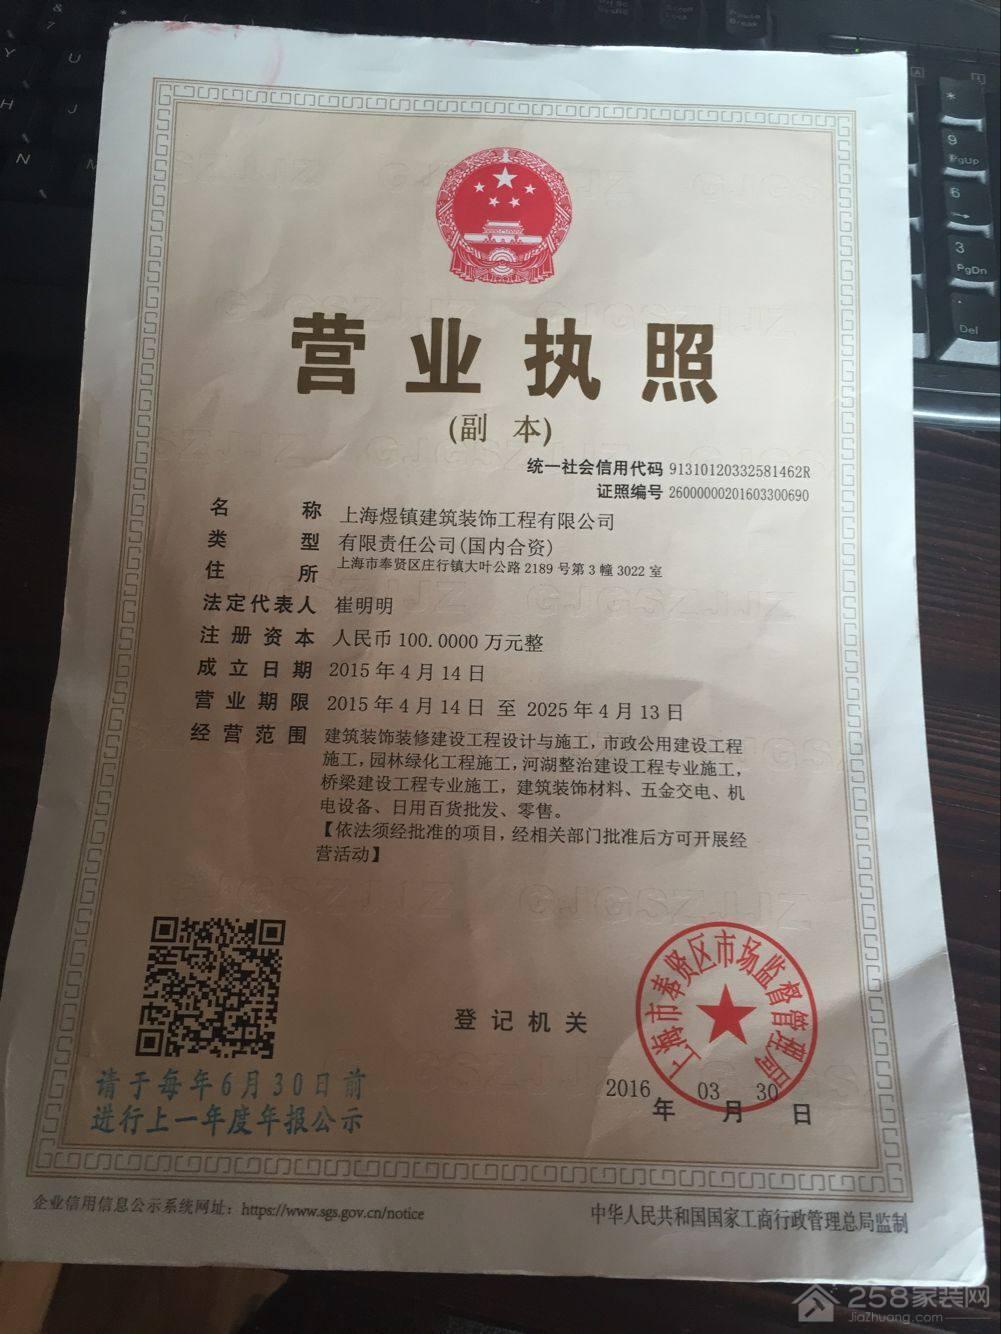 上海煜镇建筑装饰工程有限公司